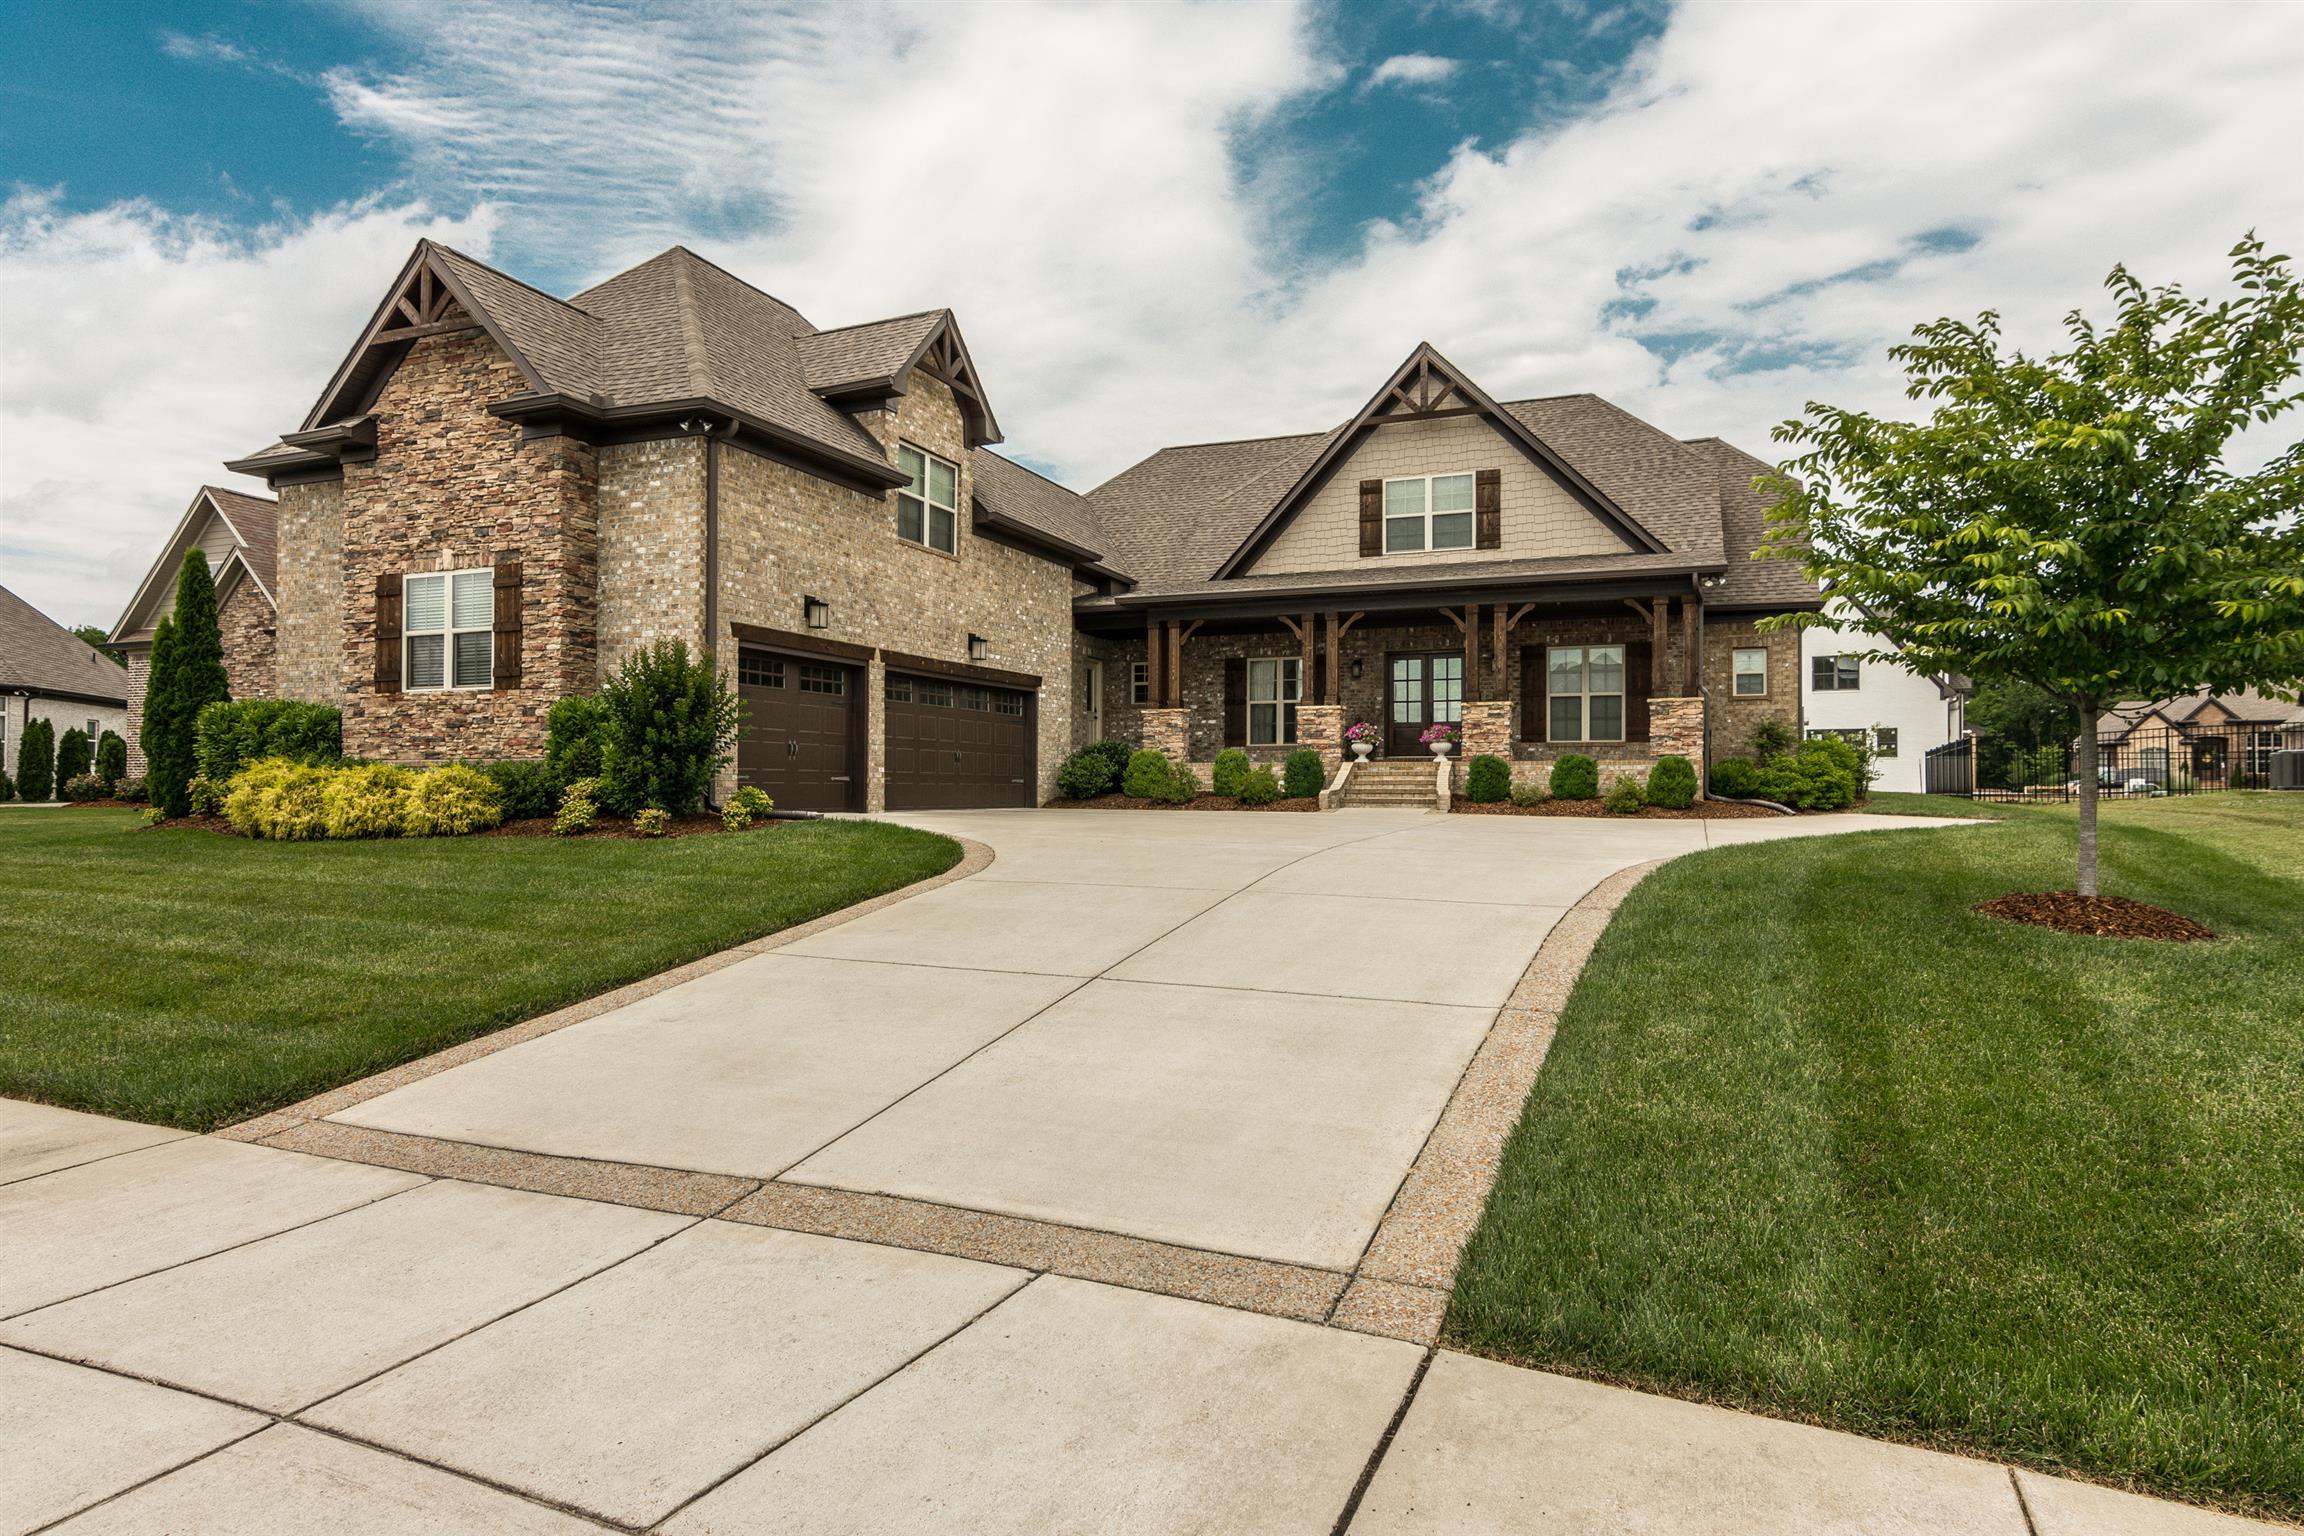 112 Revere Park, Hendersonville, TN 37075 - Hendersonville, TN real estate listing